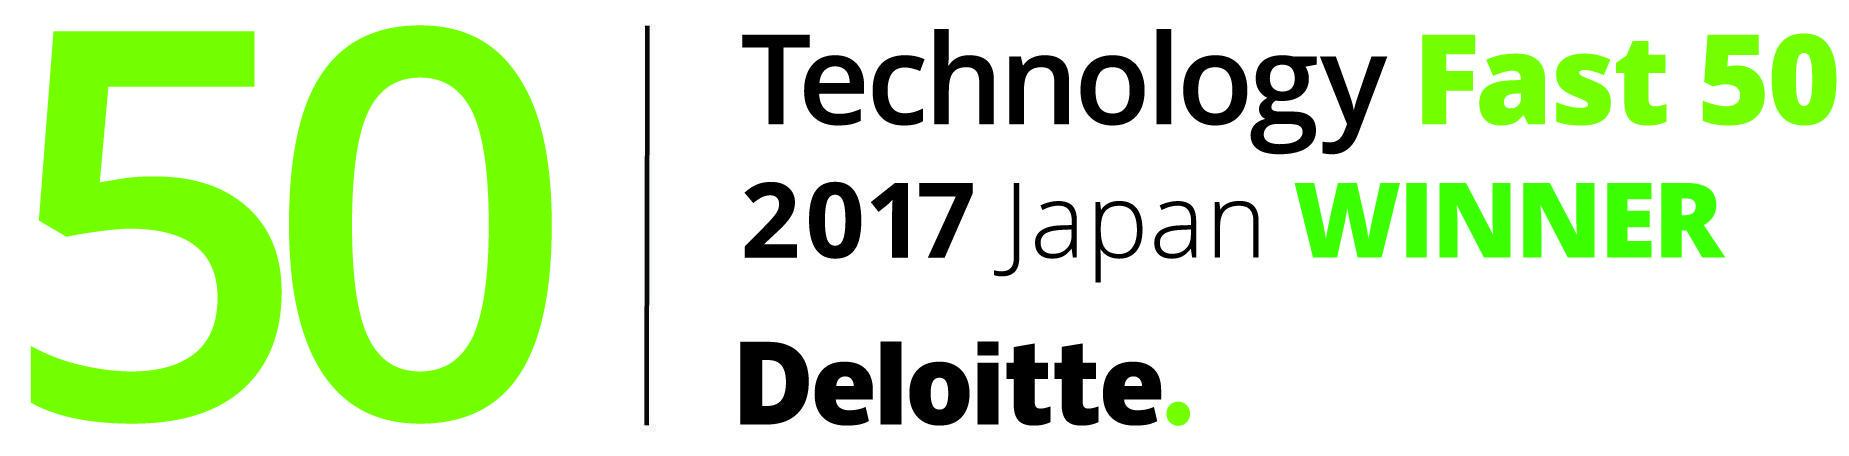 2017_Fast50 Winner Japan_CMYK.jpg